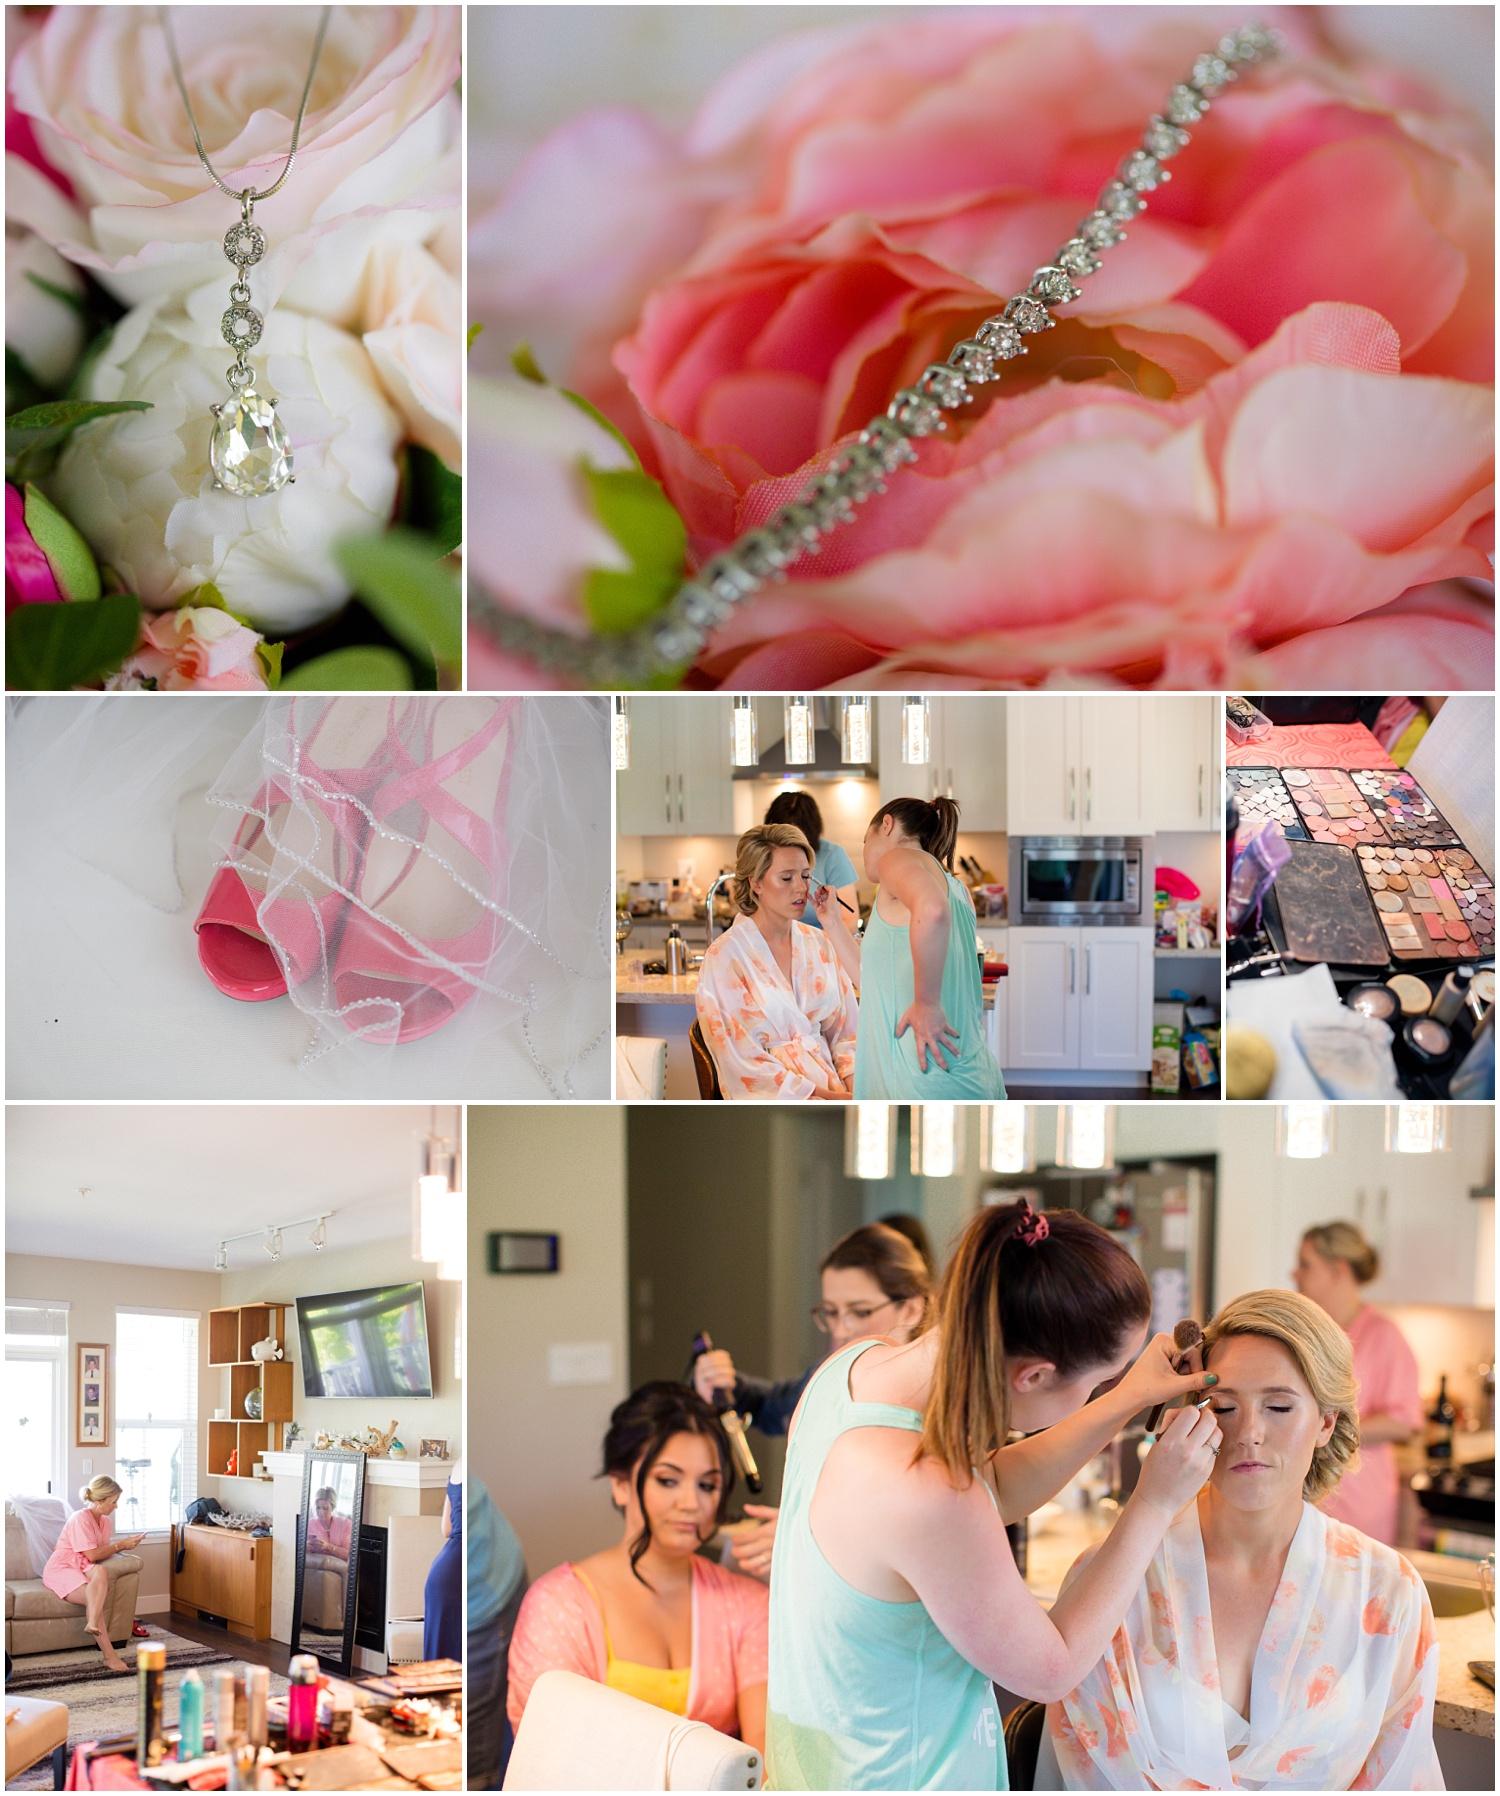 Amazing Day Photography - South Bonson Wedding - Pitt Meadows Wedding - Langley Wedding Photography (2).jpg